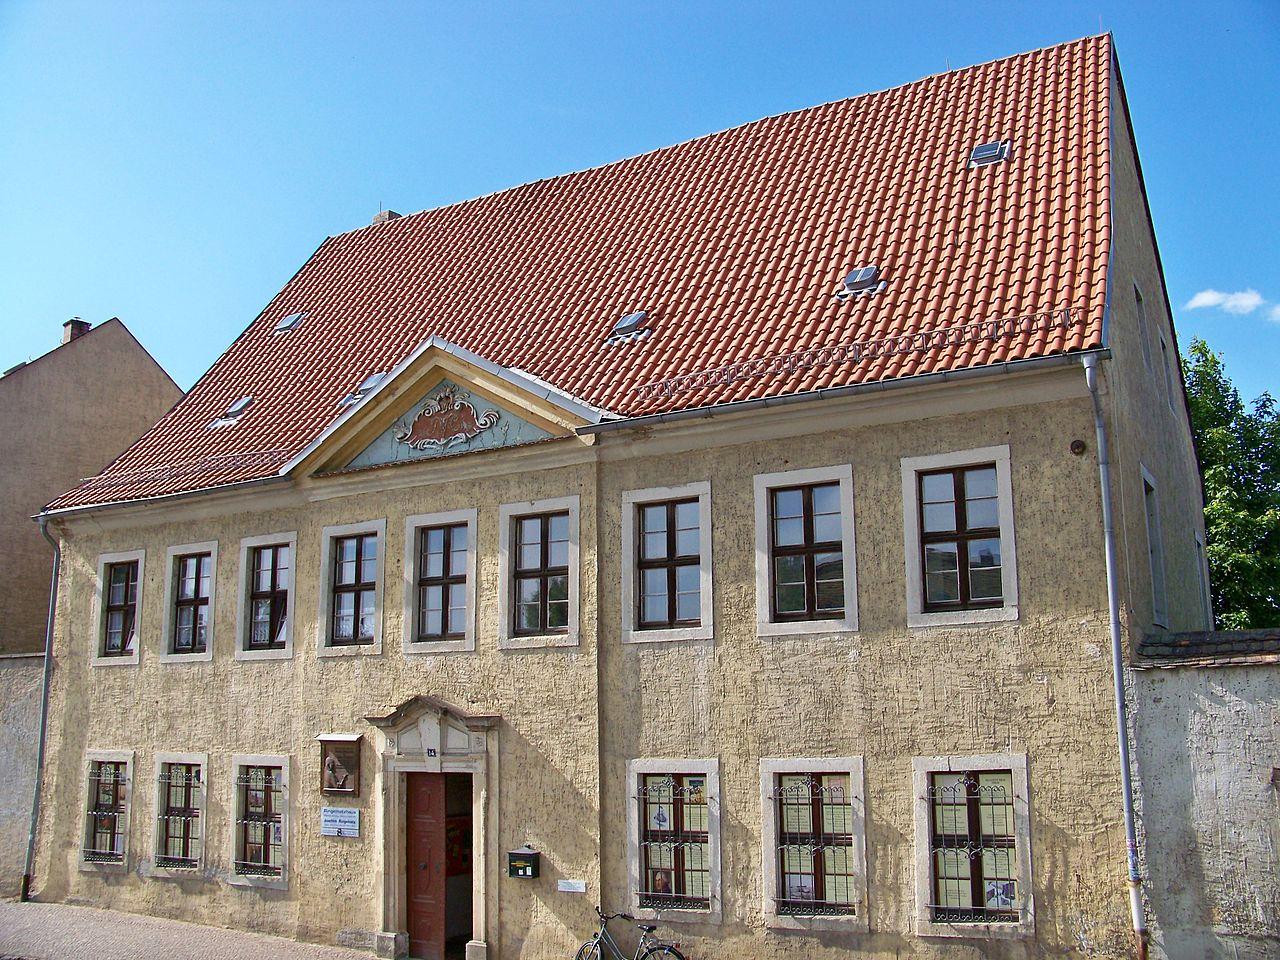 Bild Ringelnatz Haus Wurzen